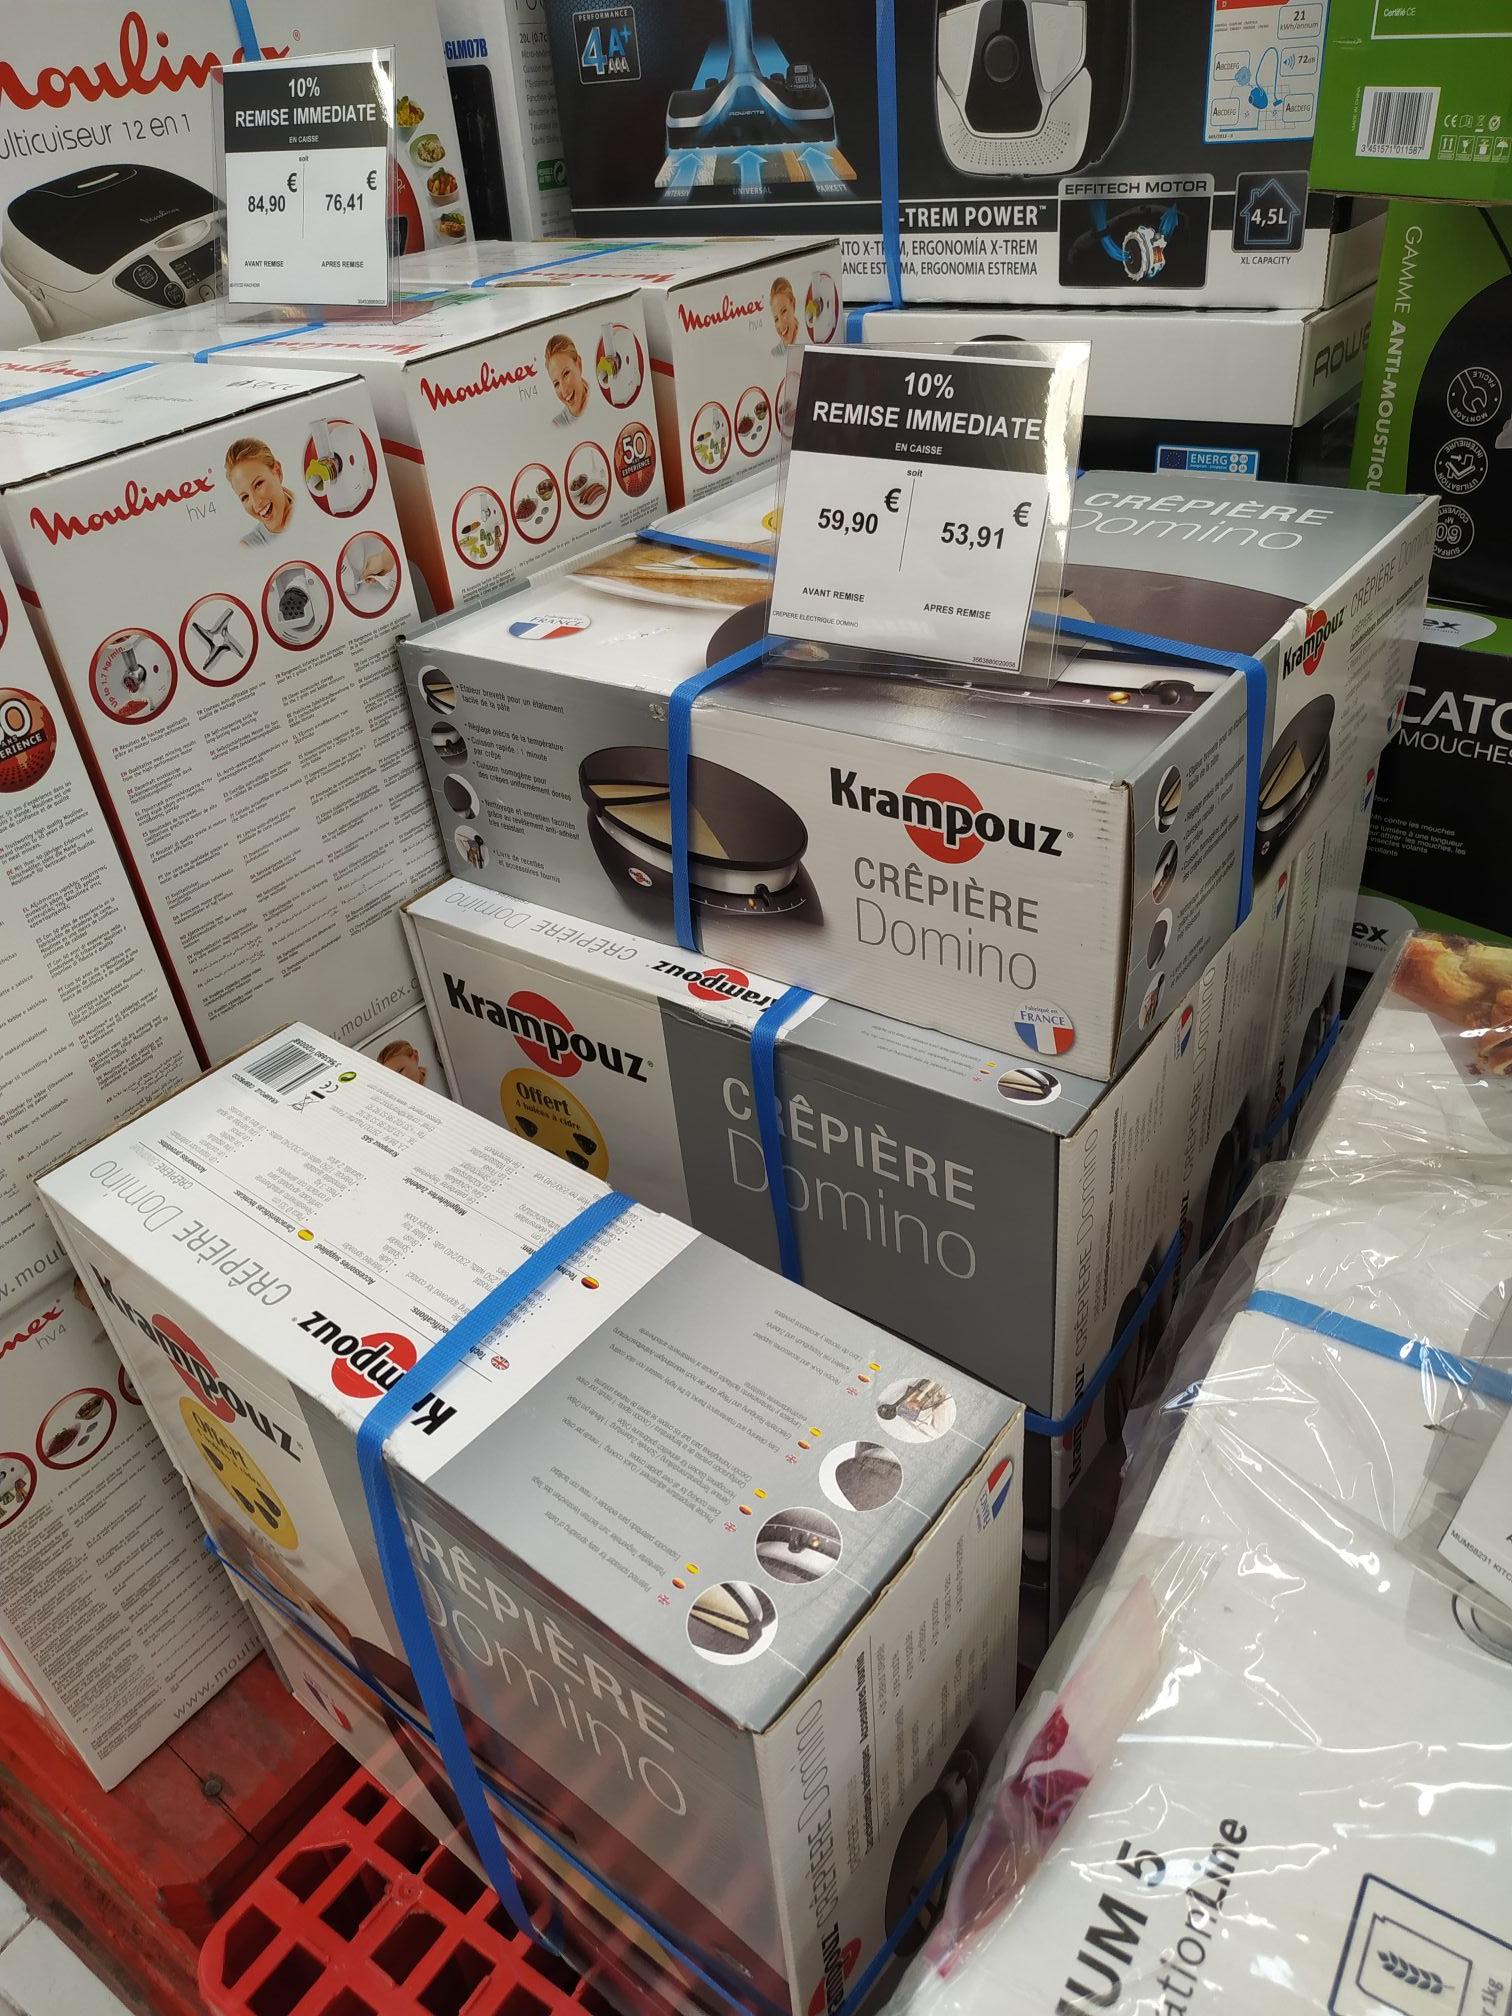 Crêpière électrique Domino krampouz Carrefour 13127 - Vitrolles (13)